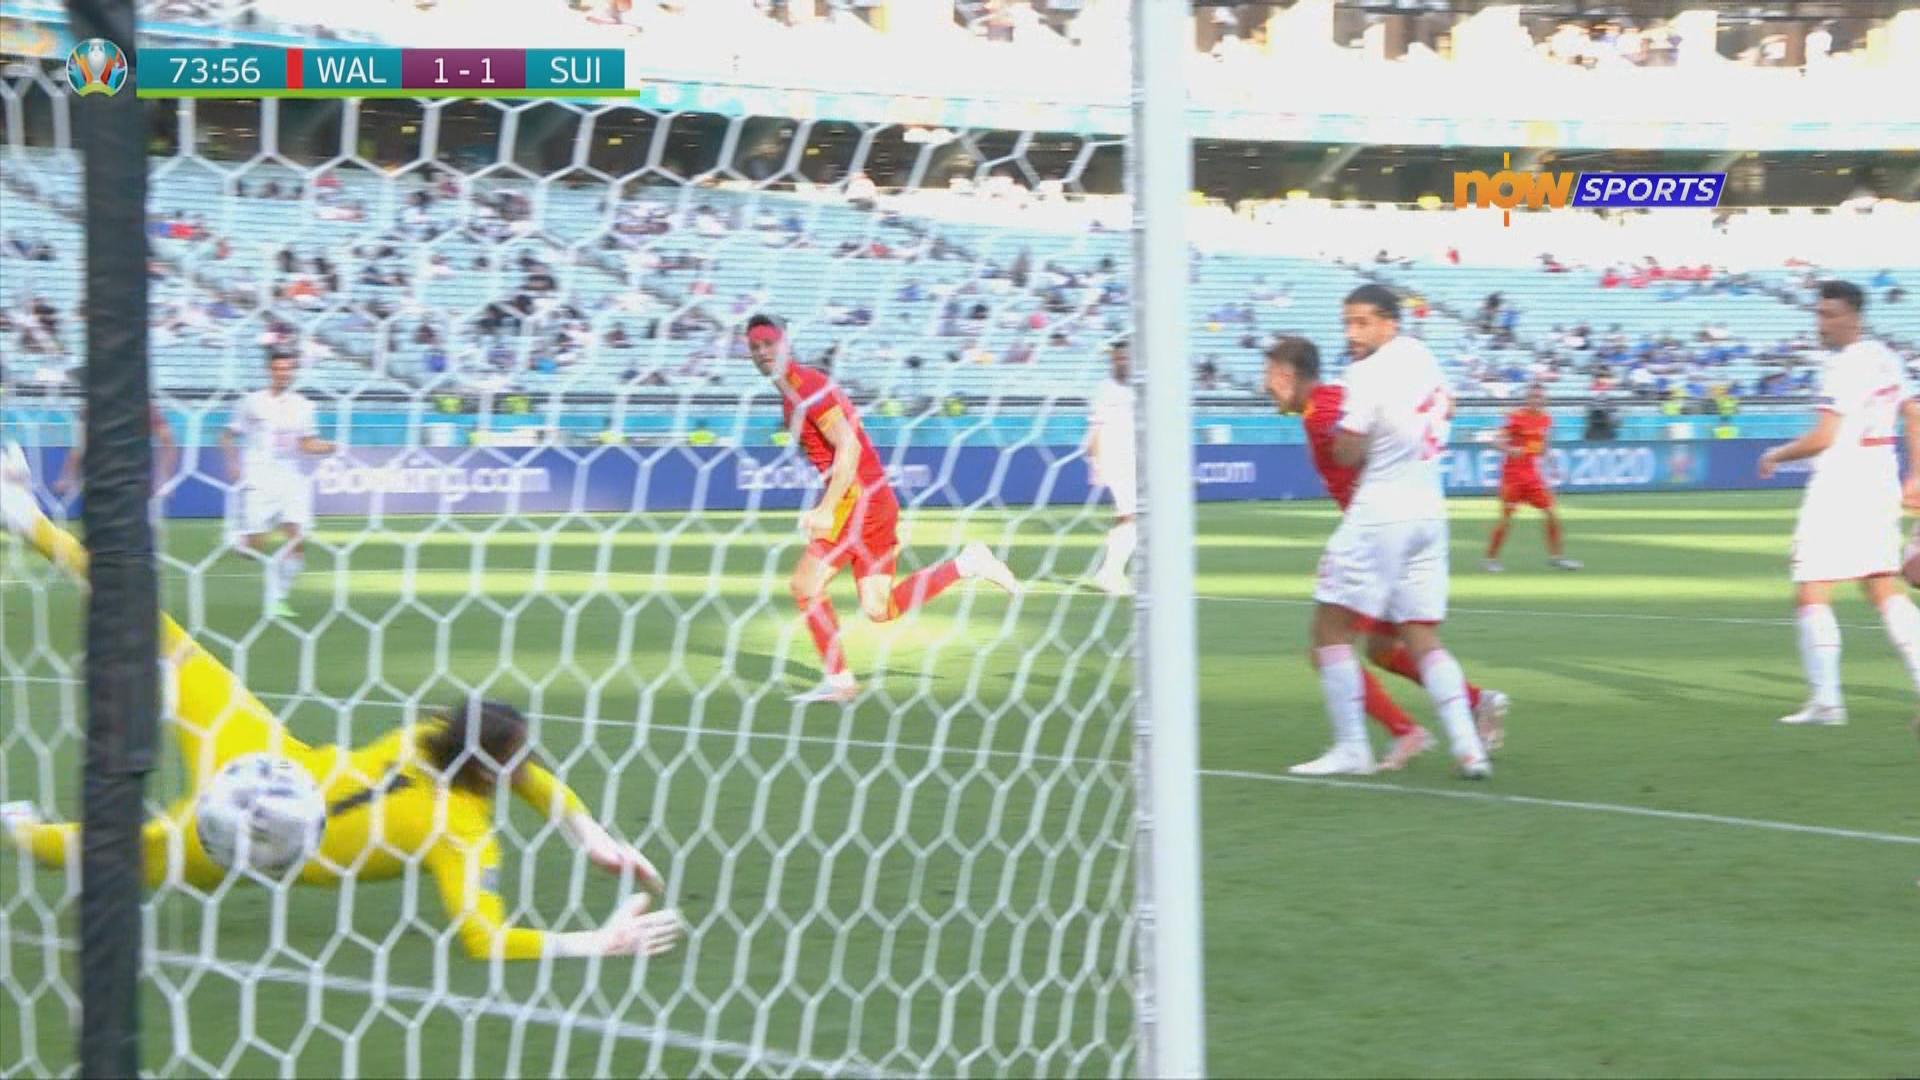 歐國盃 威爾士1:1瑞士